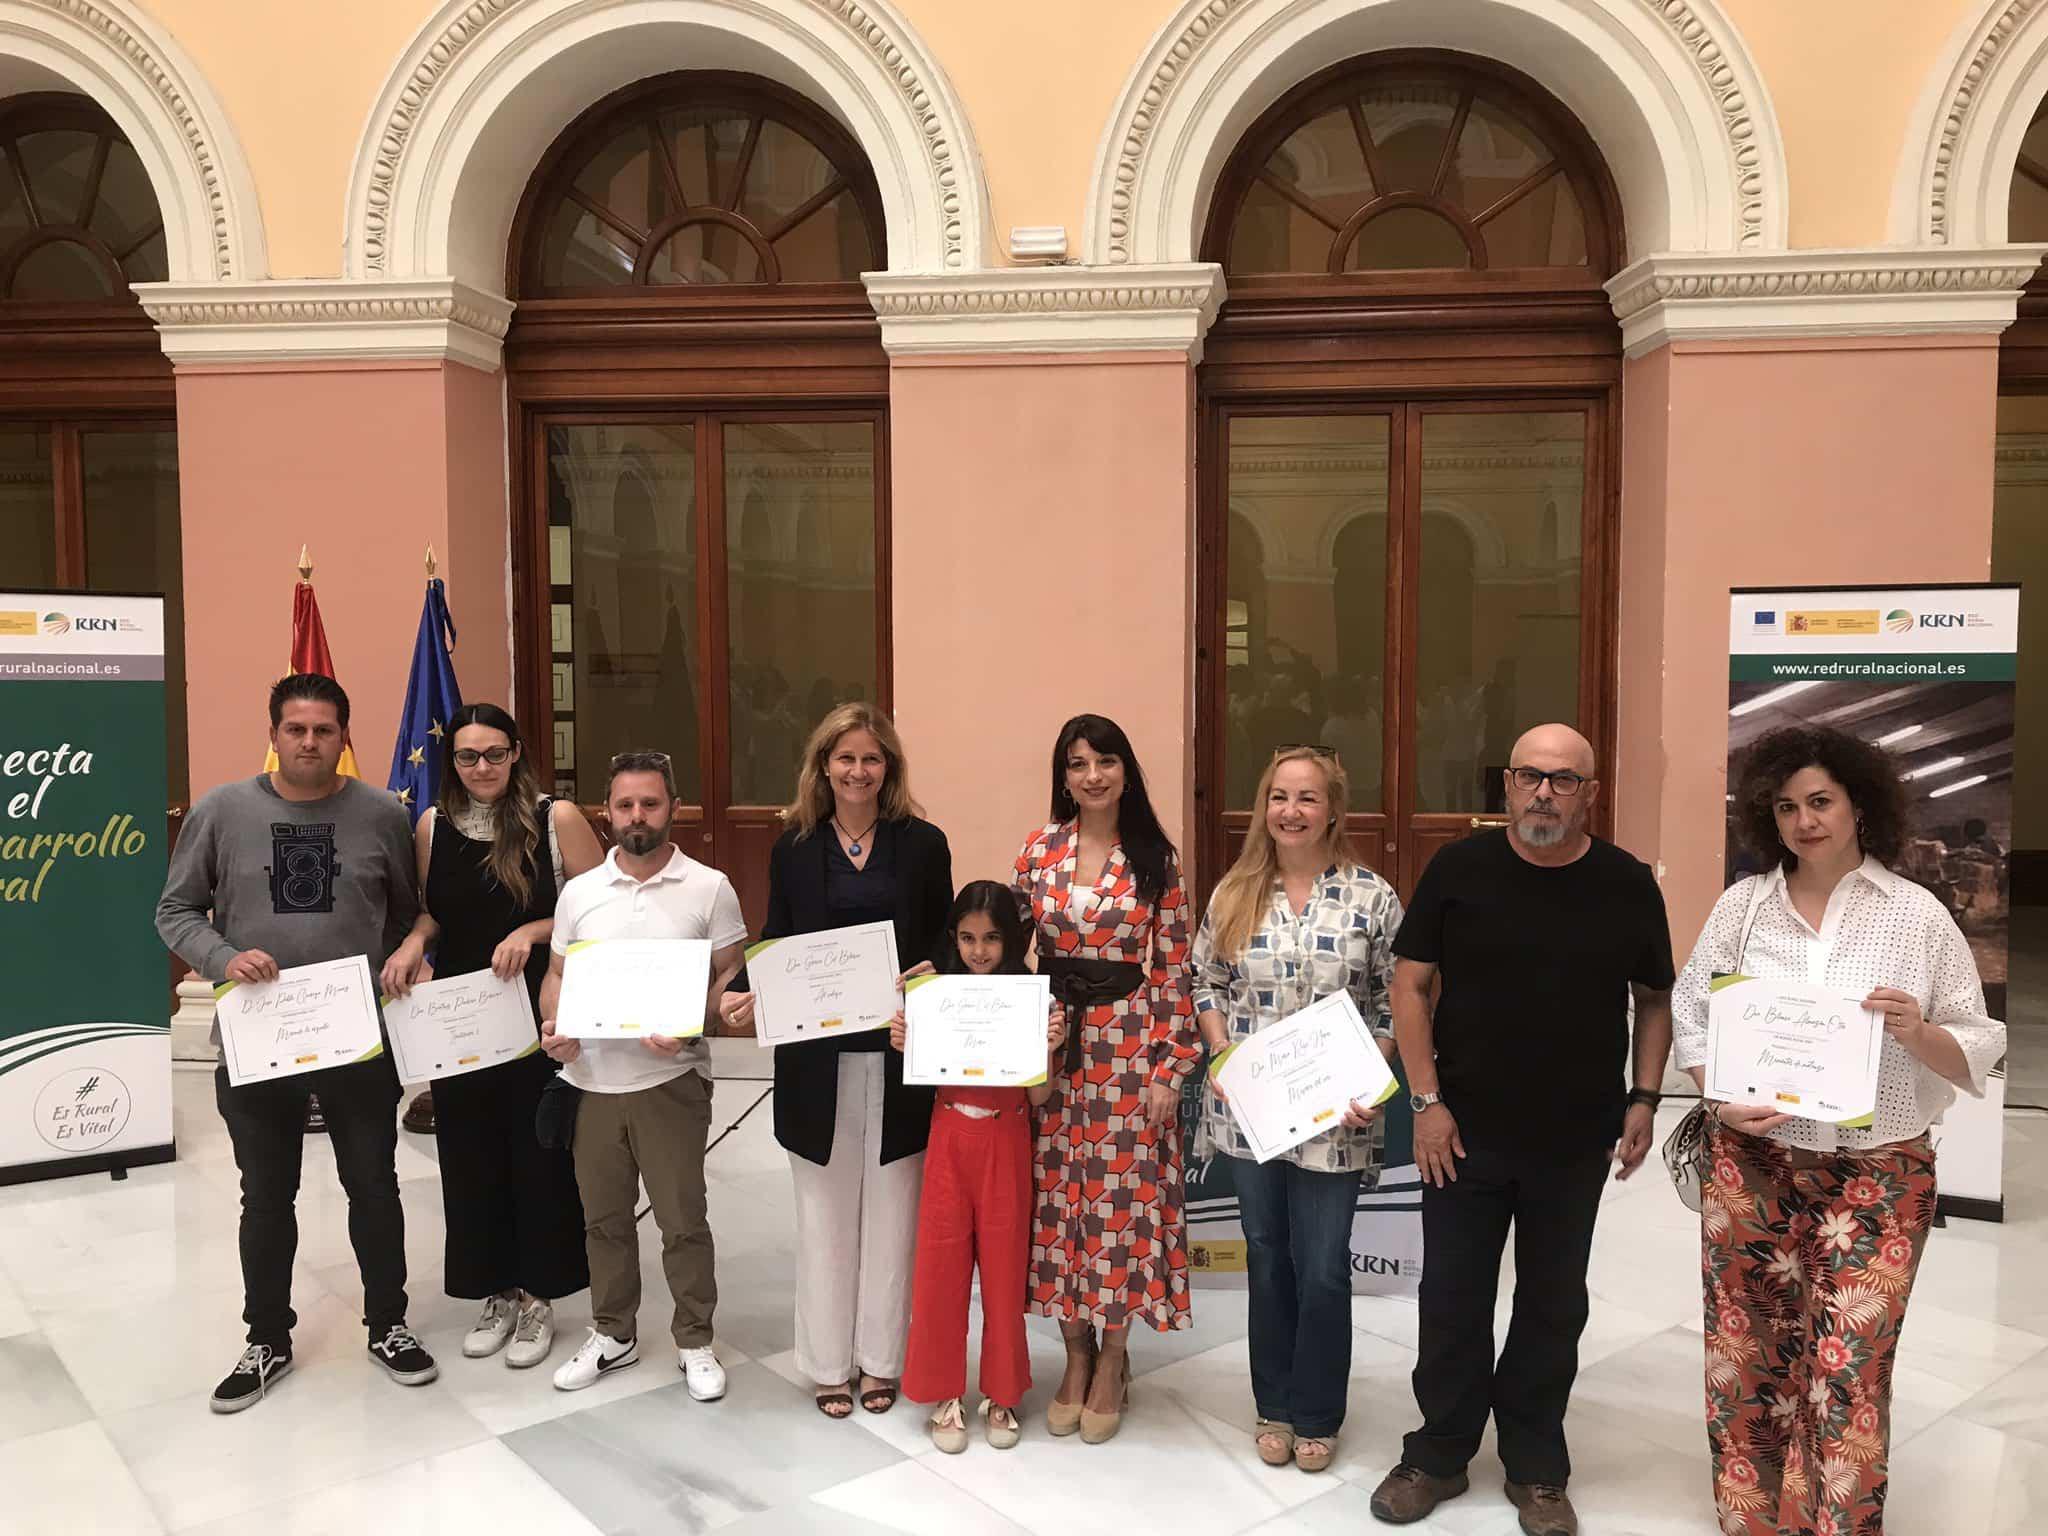 Ganadores y algunos finalistas del concurso un mundo rural vivo - El ministerio de Agricultura organiza una exposición fotográfica que incluye una imagen de Pablo García-Miguel